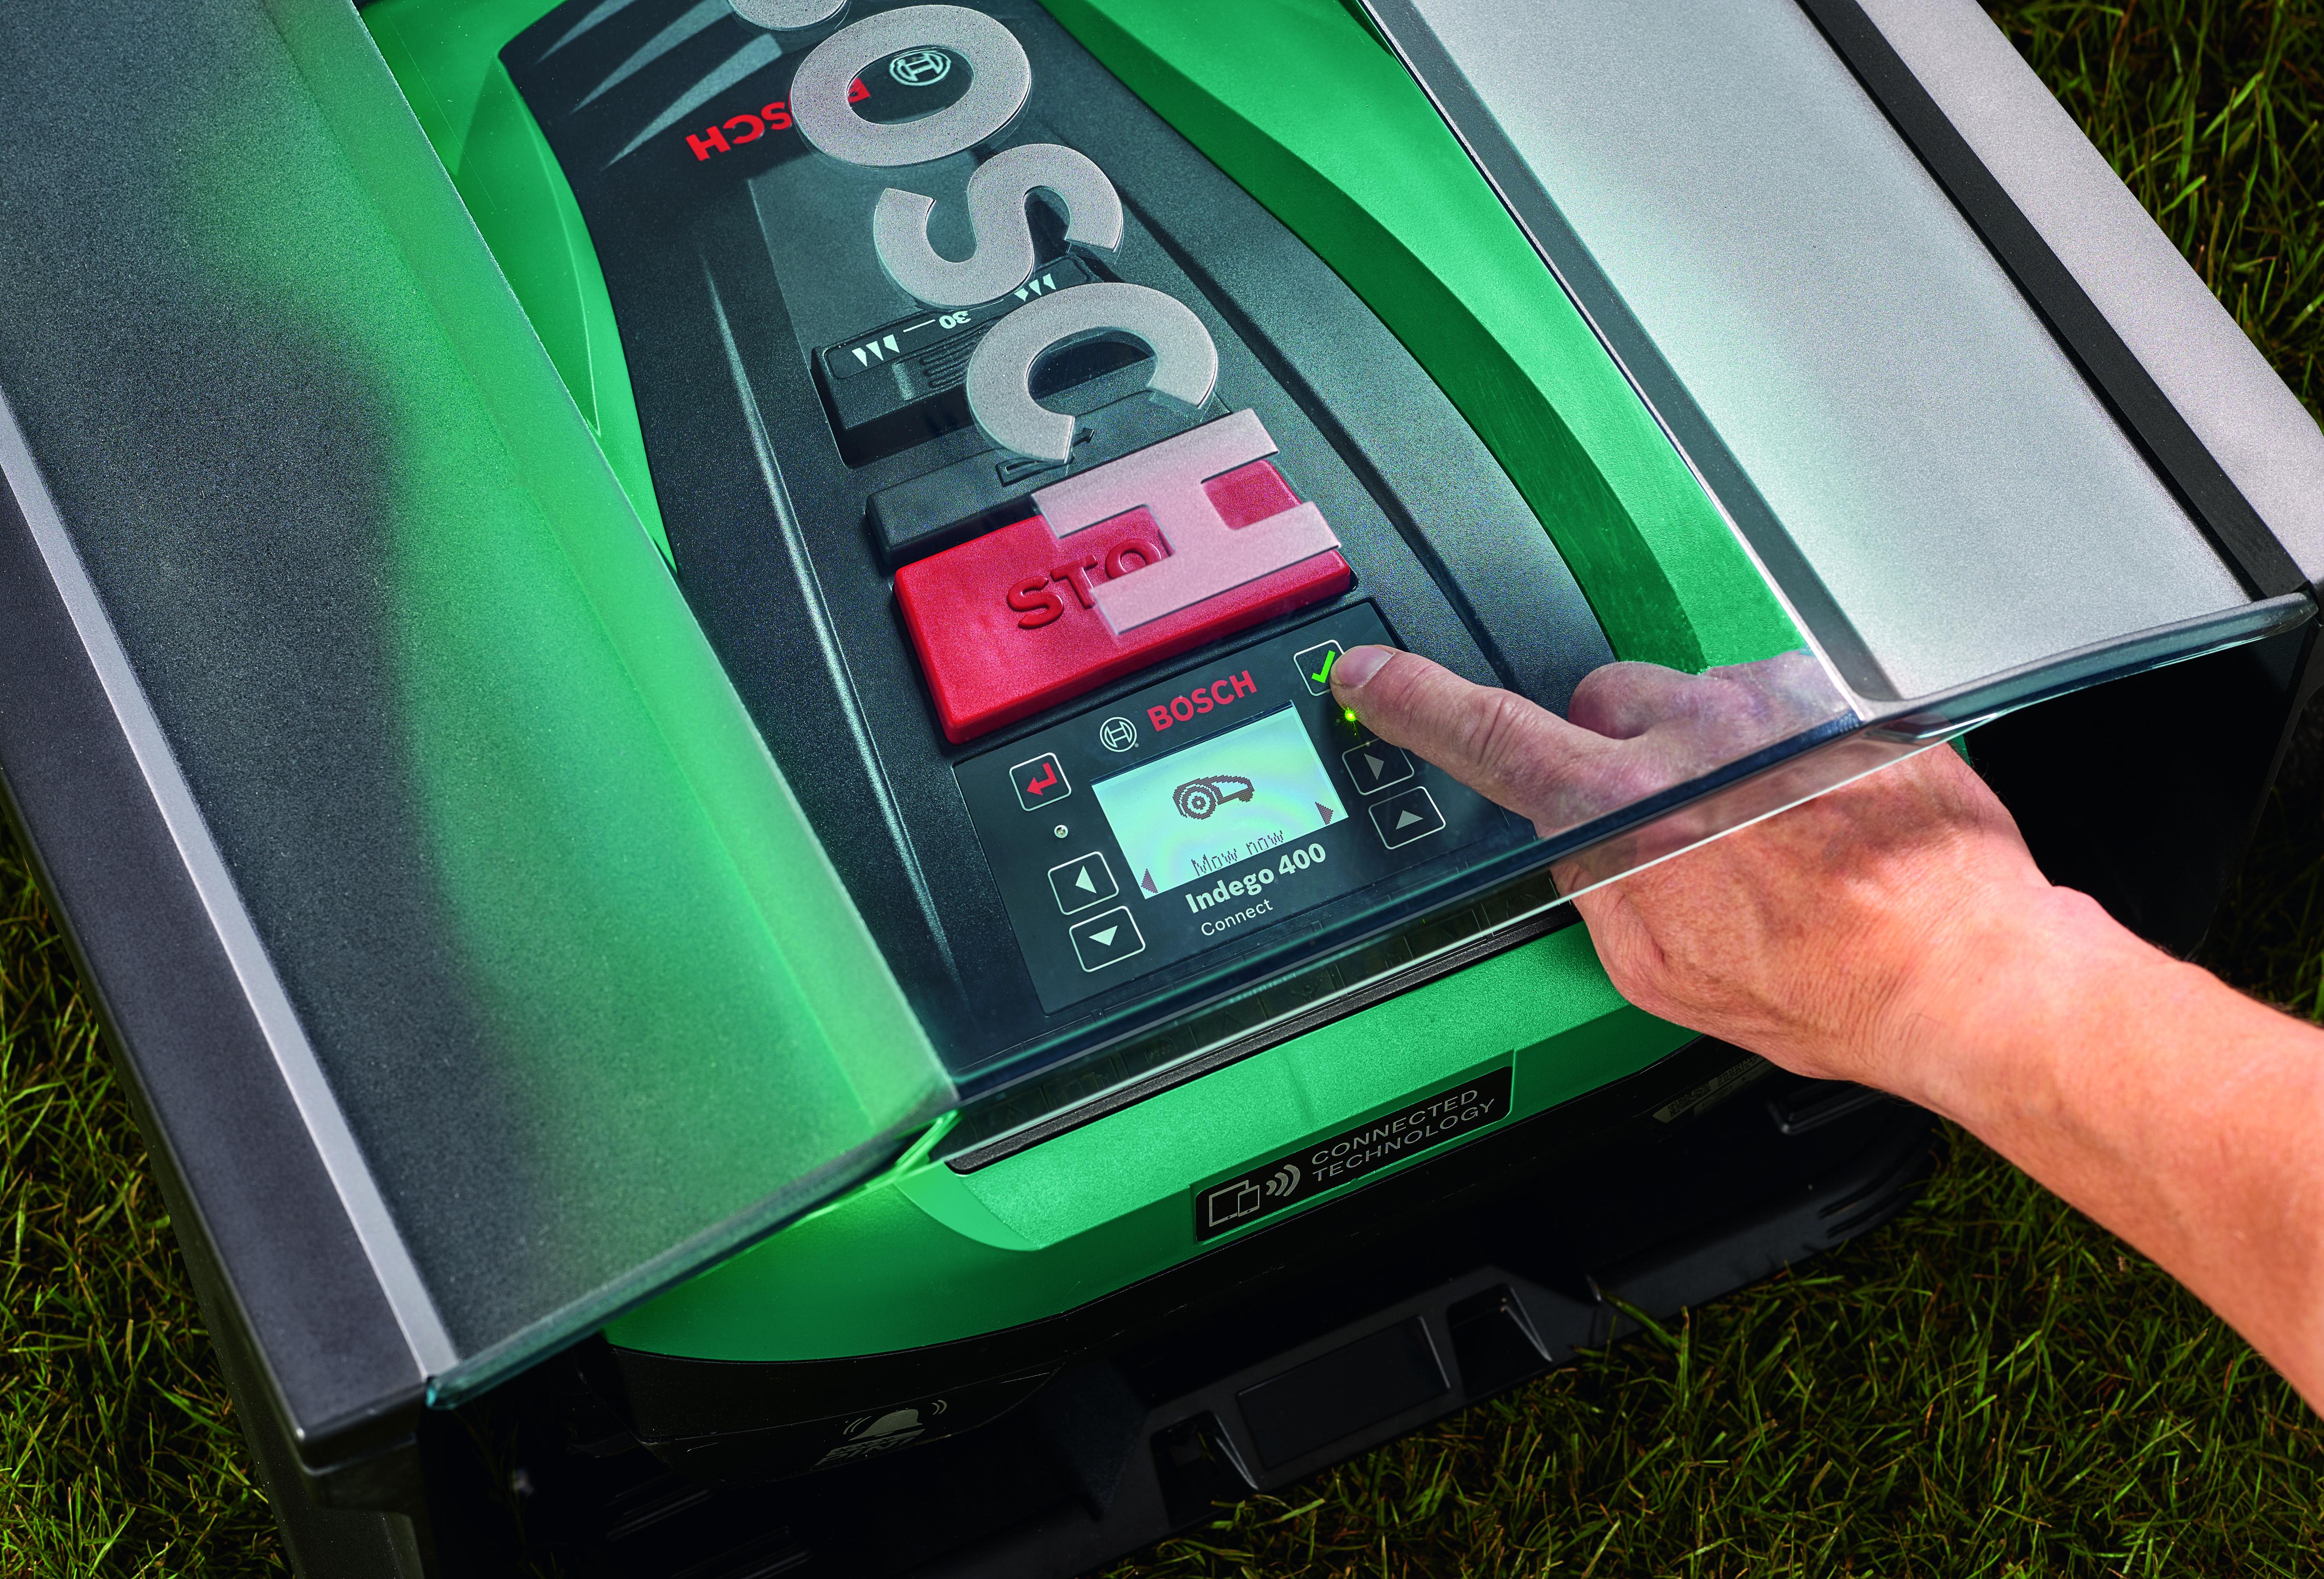 Robot rasaerba compatti e silenziosi:  Bosch Indego 350 e Indego 350 Connect